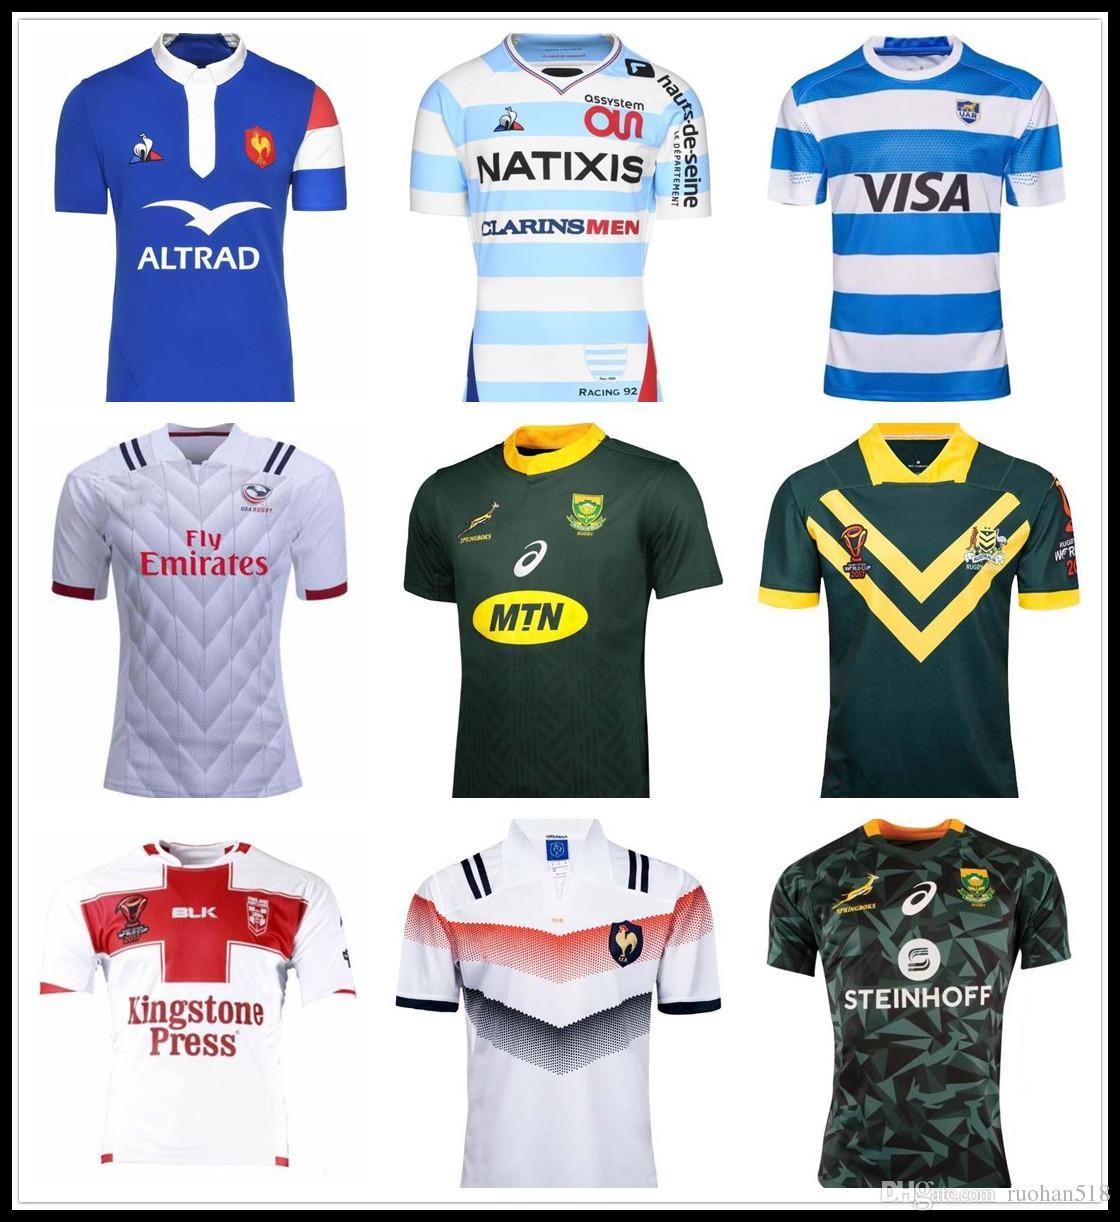 7c462d26d4 Compre Camisa De Rugby 2018 France 2017 2018 Kiwi Rugby Tonga Camisas SAMOA  Kiwis Rugby League Austrália Irlanda África Do Sul Camisas De Ruohan518